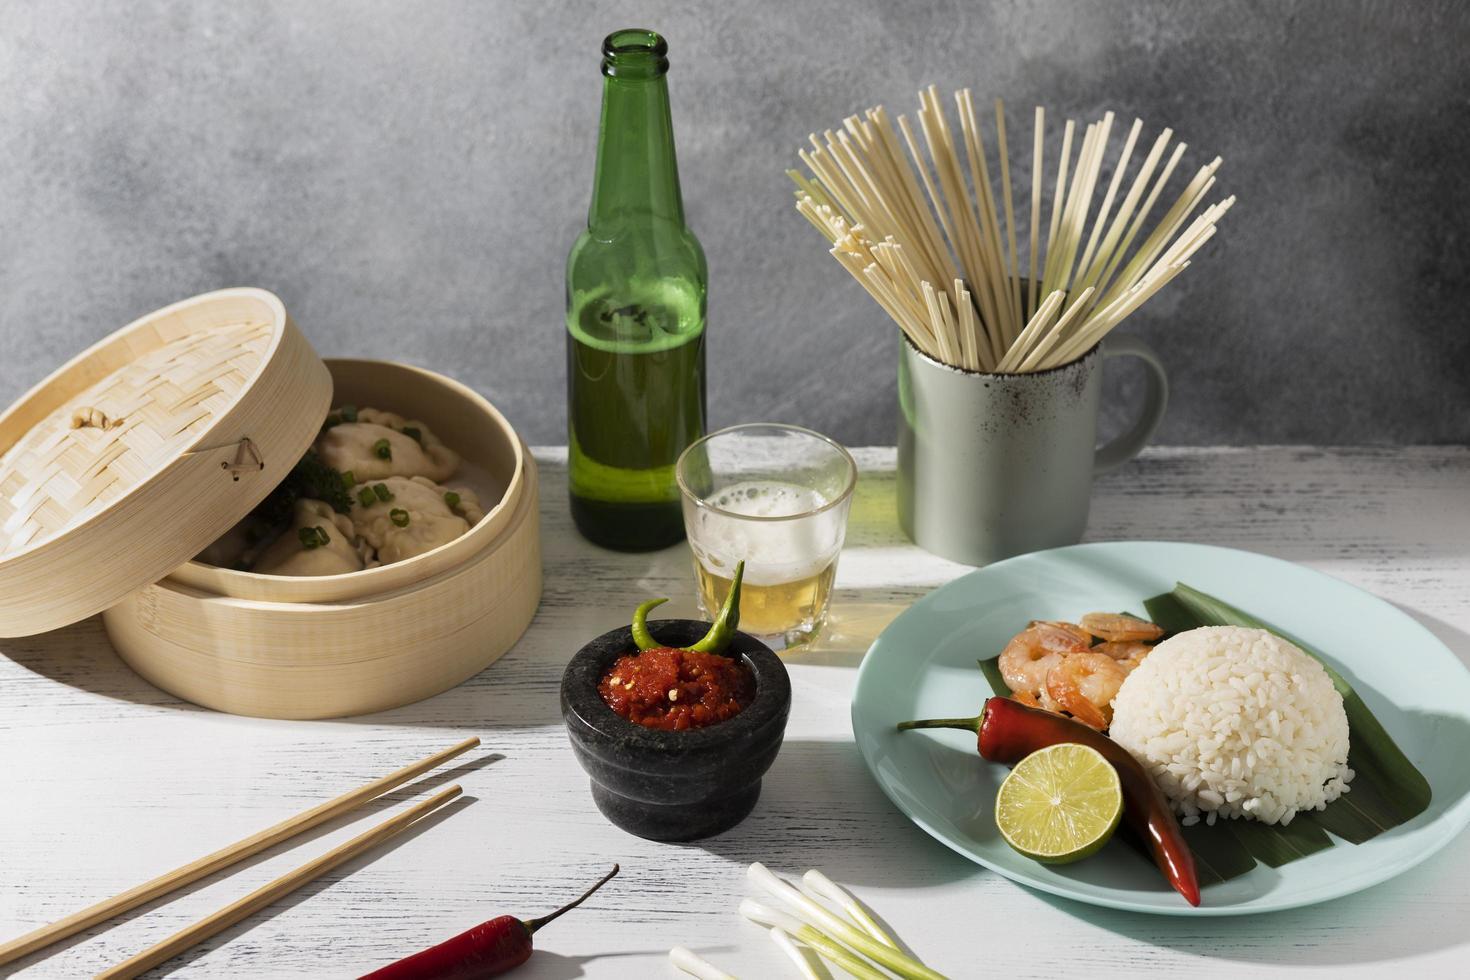 välsmakande måltid med sambalarrangemang foto